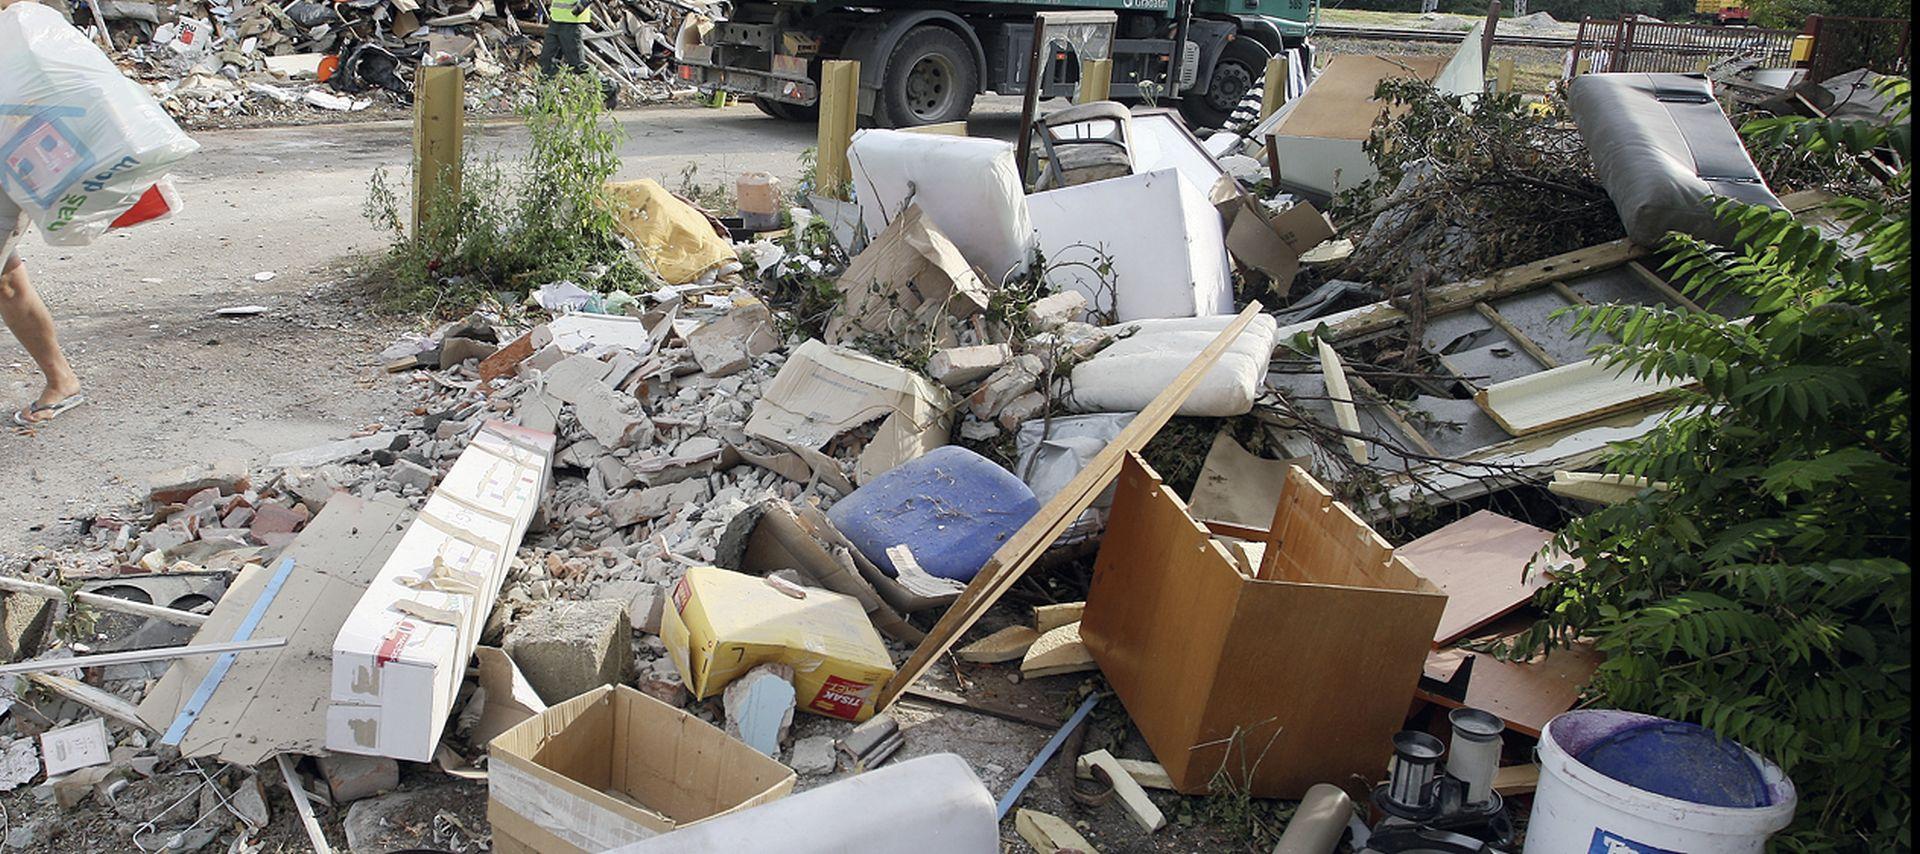 'Zbog više od tisuću ilegalnih odlagališta otpada RH će platiti milijune eura kazne'